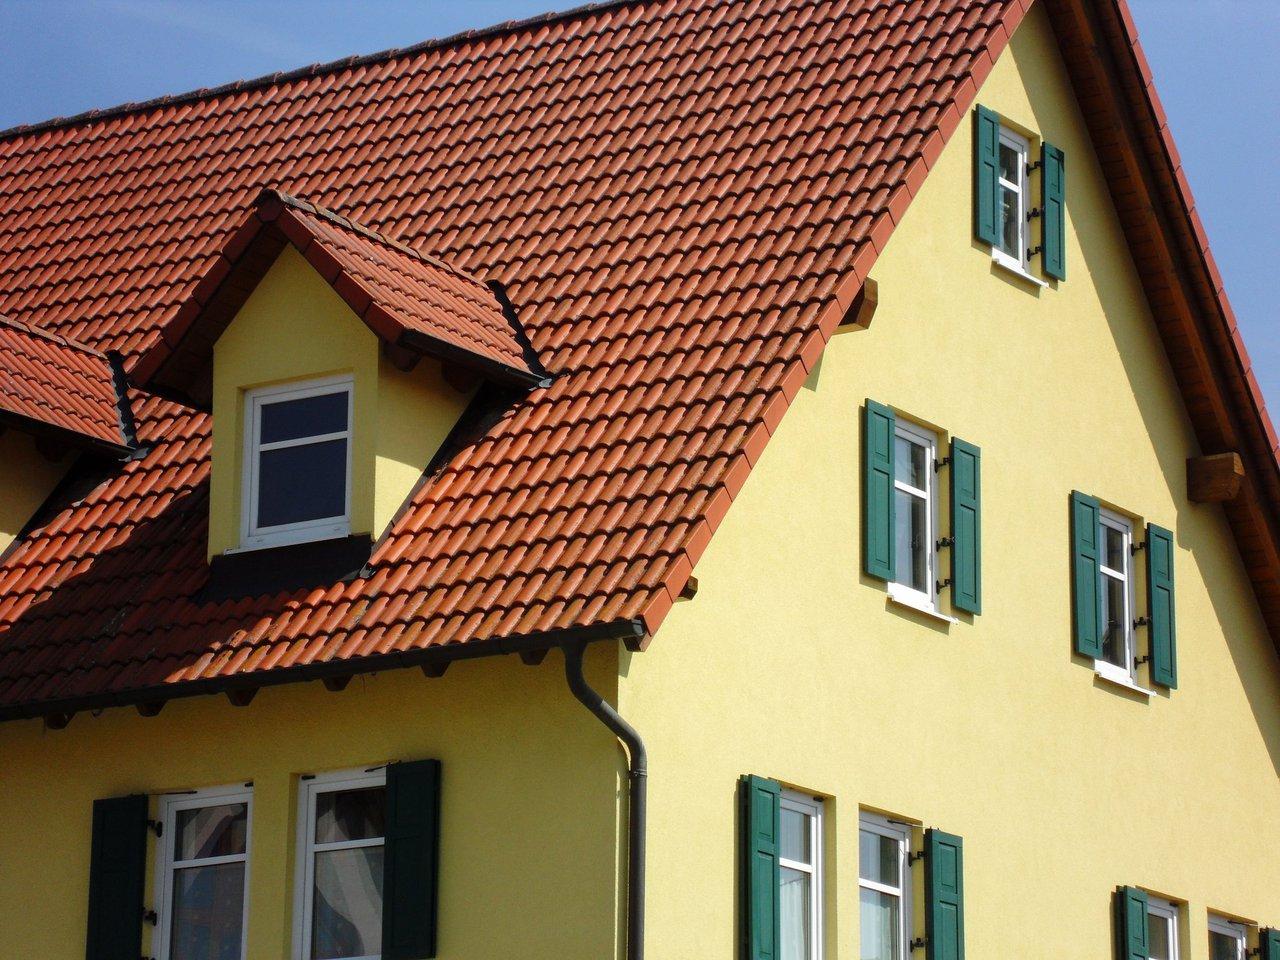 Fassadensanierung - neues Gewand für alte Häuser - Farbe erleben